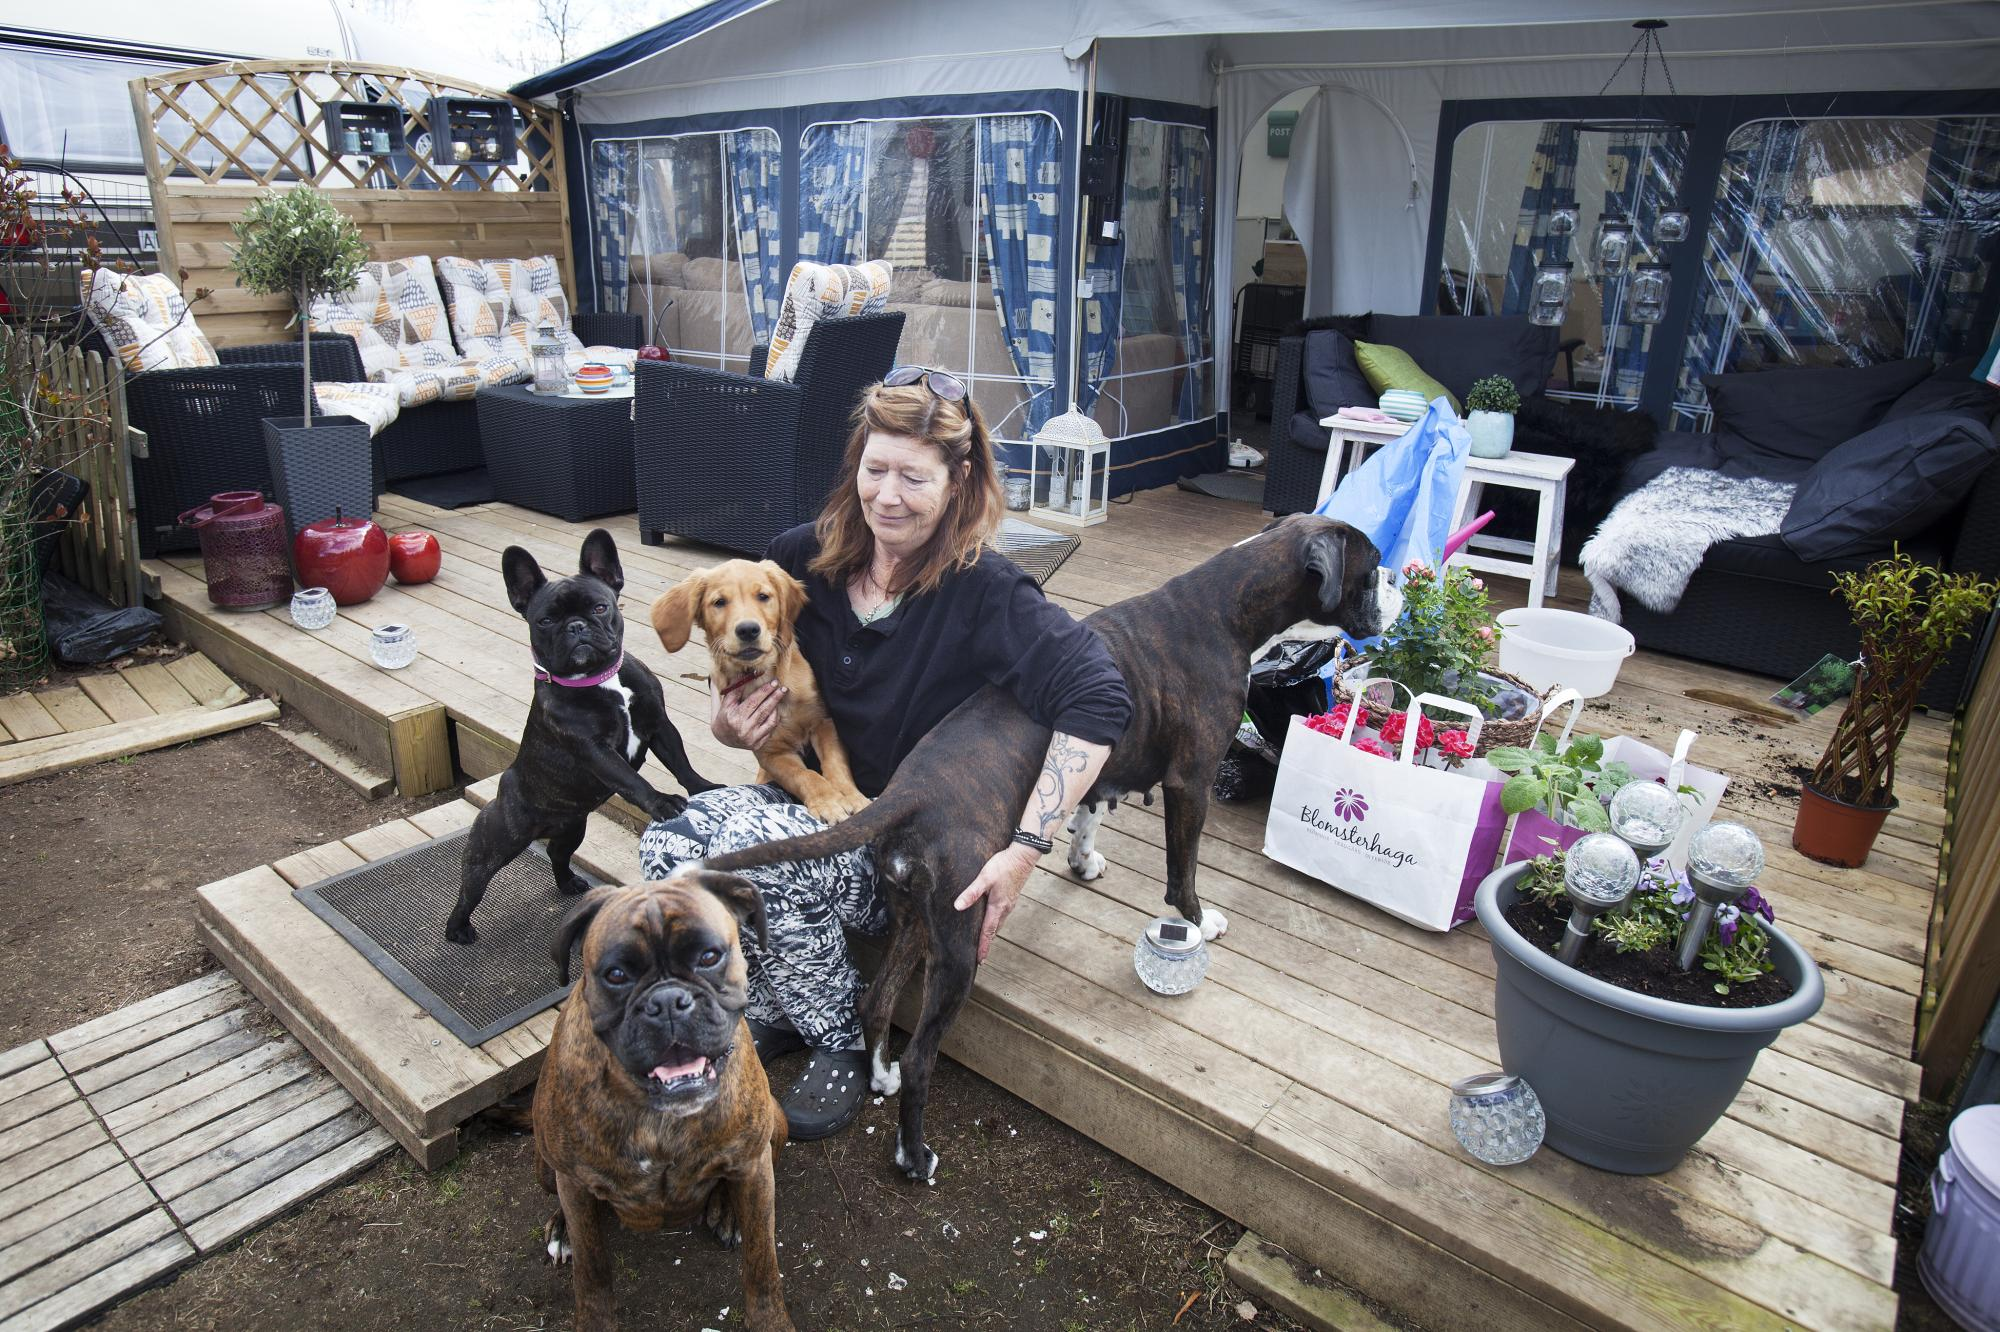 Maria Spång är säsongsboende på campingen med alla sina hundar och brukar vara med på det som händer.